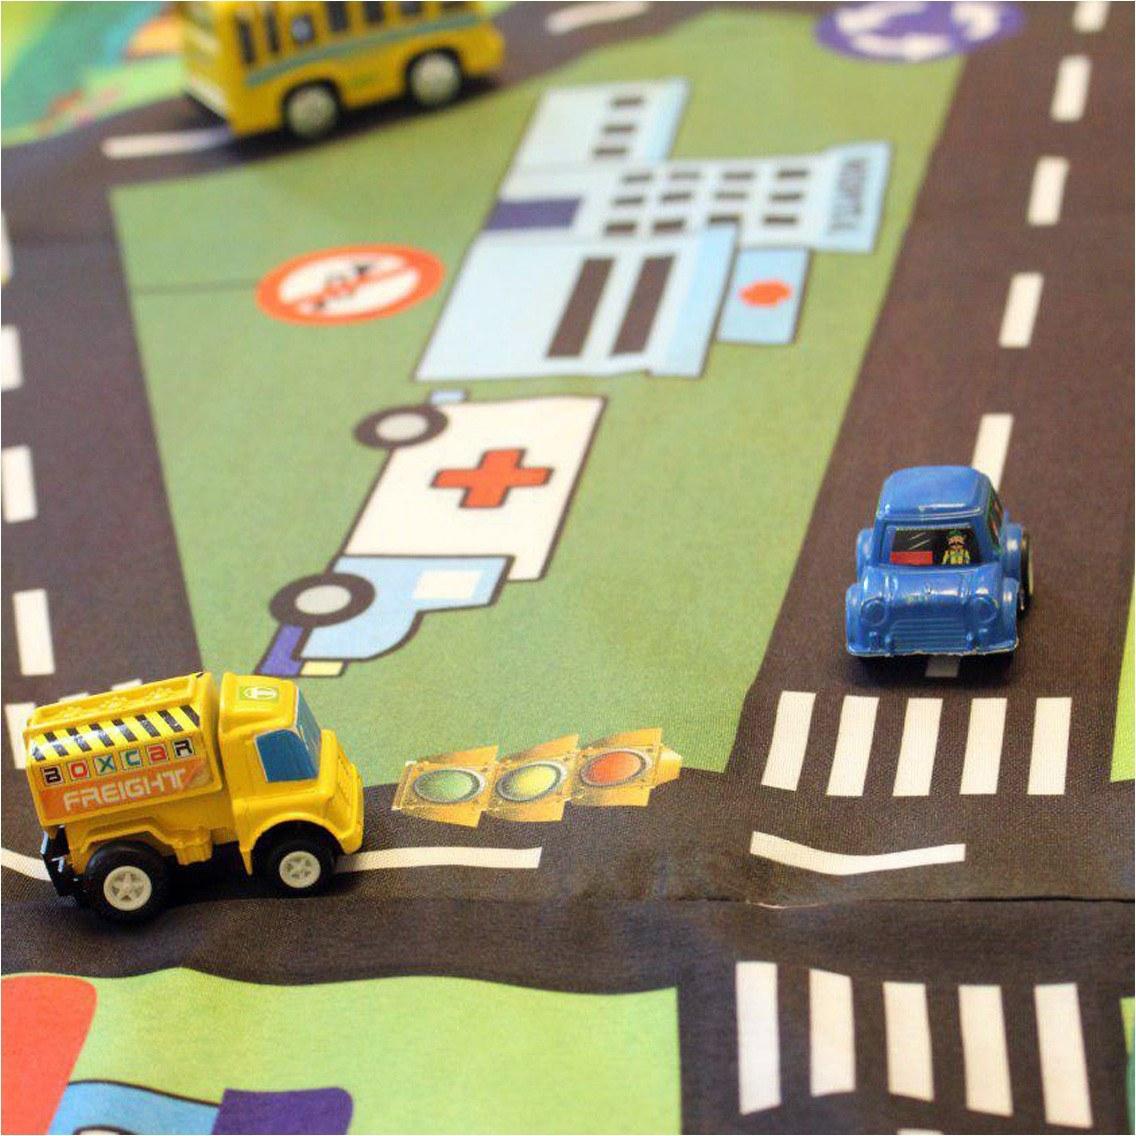 بازی فکری ام دی تویز MD Toys Intellectual Game Model Map City